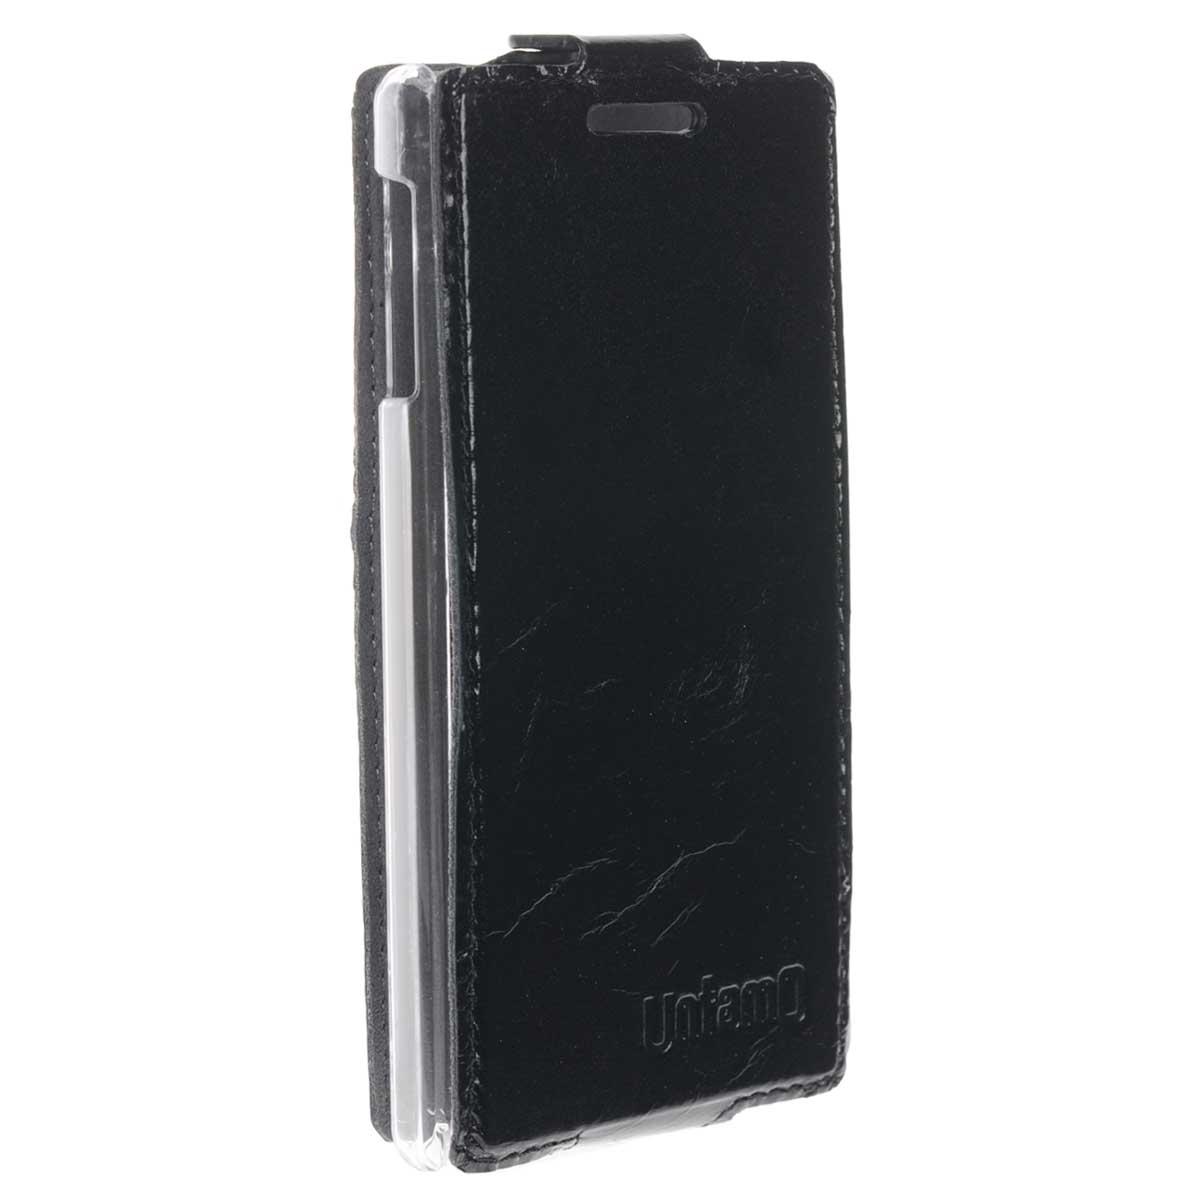 Untamo Timber чехол-флип для Huawei W1, Black (UTIMFHW1BL)UTIMFHW1BLЧехол Untamo Timber для Huawei W1 сшит вручную из натуральной кожи премиум-класса, и это видно сразу: бережно сохраненная текстура элитной кожи придает аксессуару изысканную элегантность. Легкий и одновременно прочный, чехол защитит устройство от повреждений и пыли, подчеркнет индивидуальность владельца и доставит истинное удовольствие от использования.